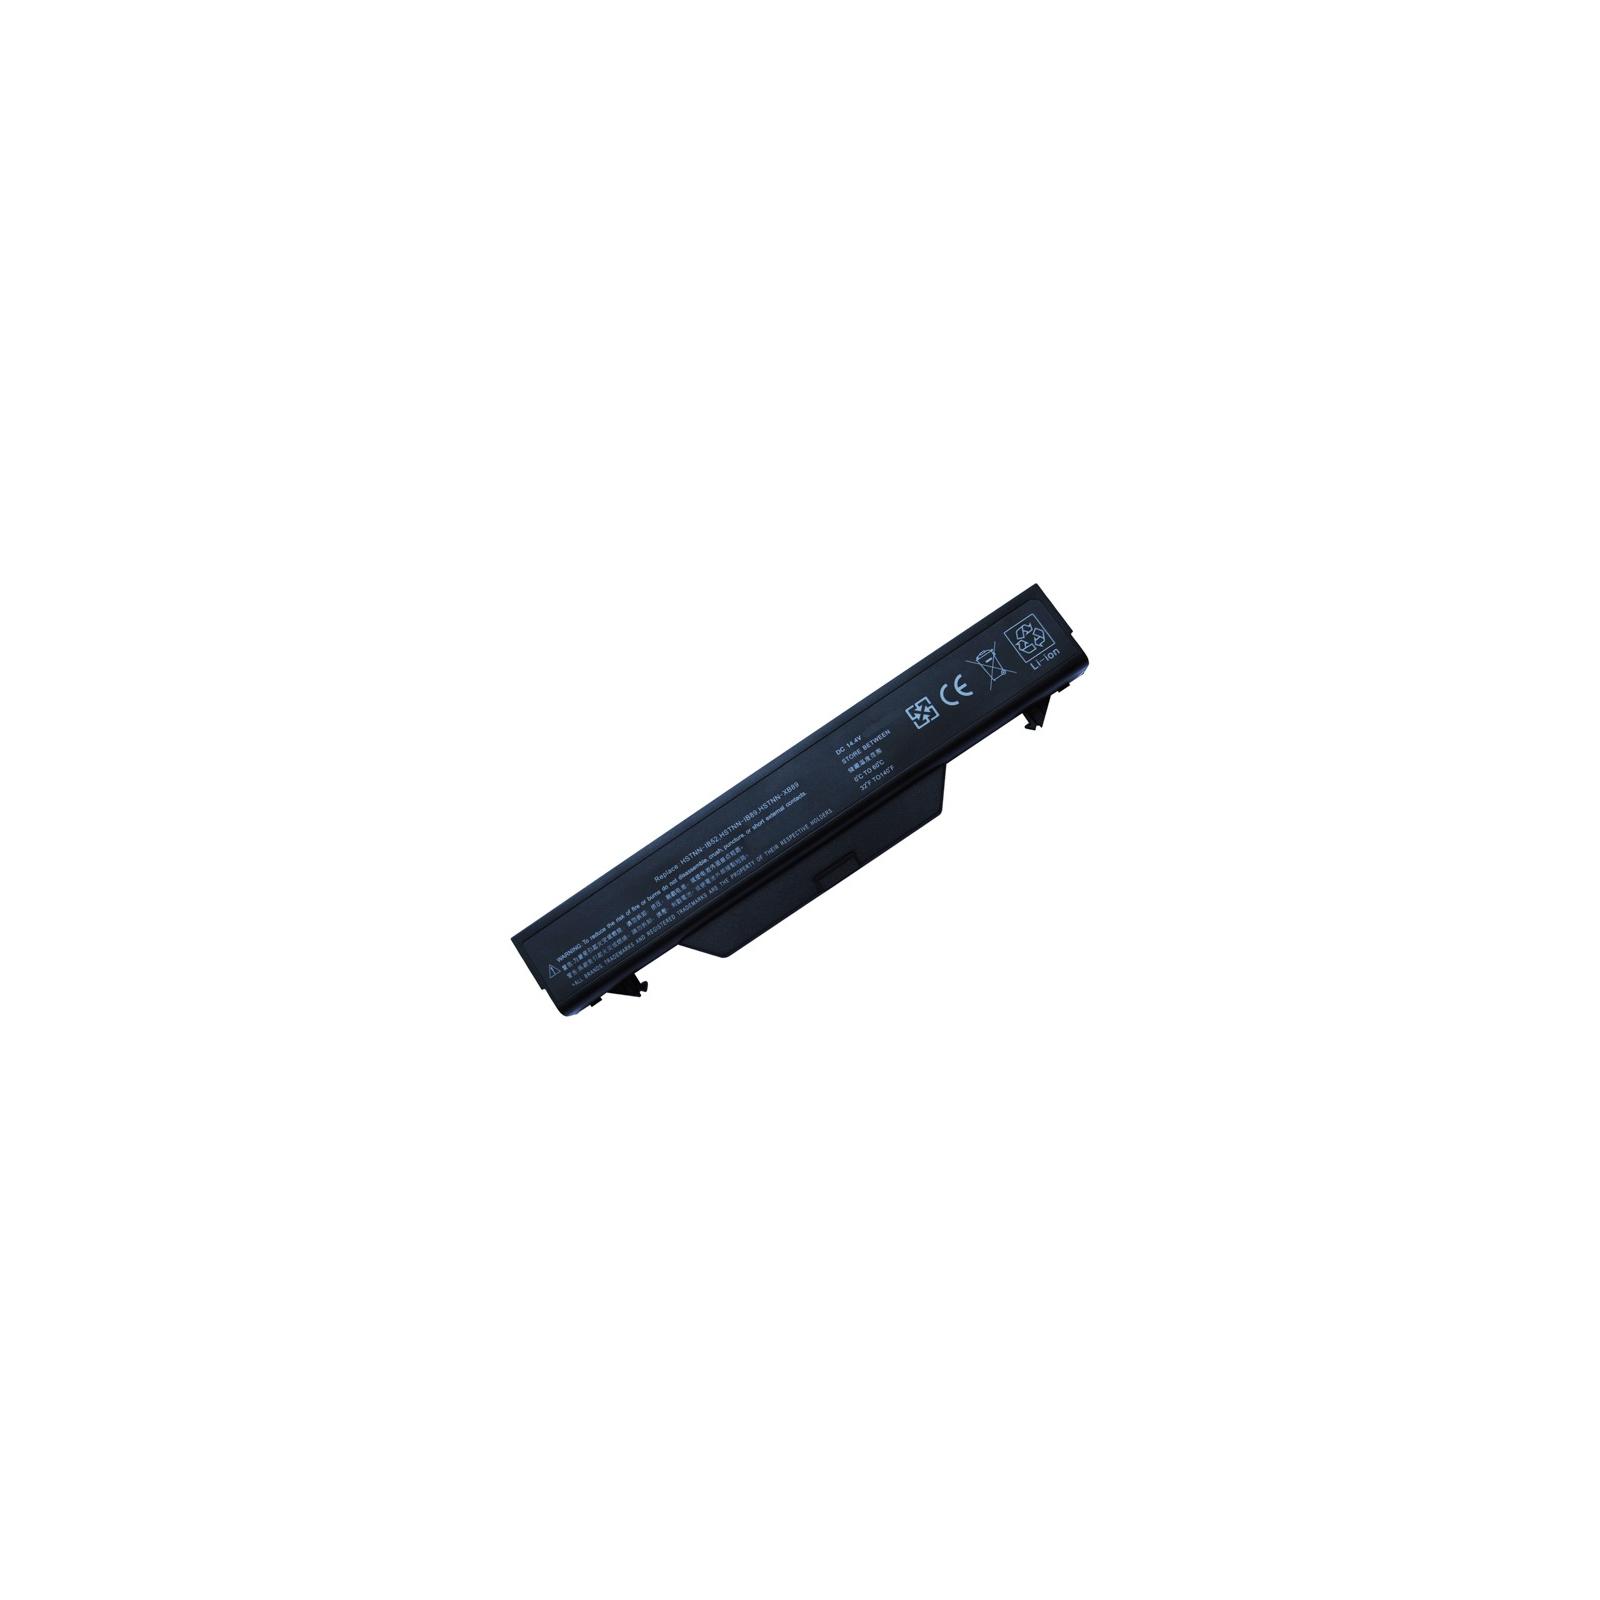 Аккумулятор для ноутбука HP 4510S (HSTNN-IB88, H4710LH) 14.4V 5200mAh PowerPlant (NB00000079)